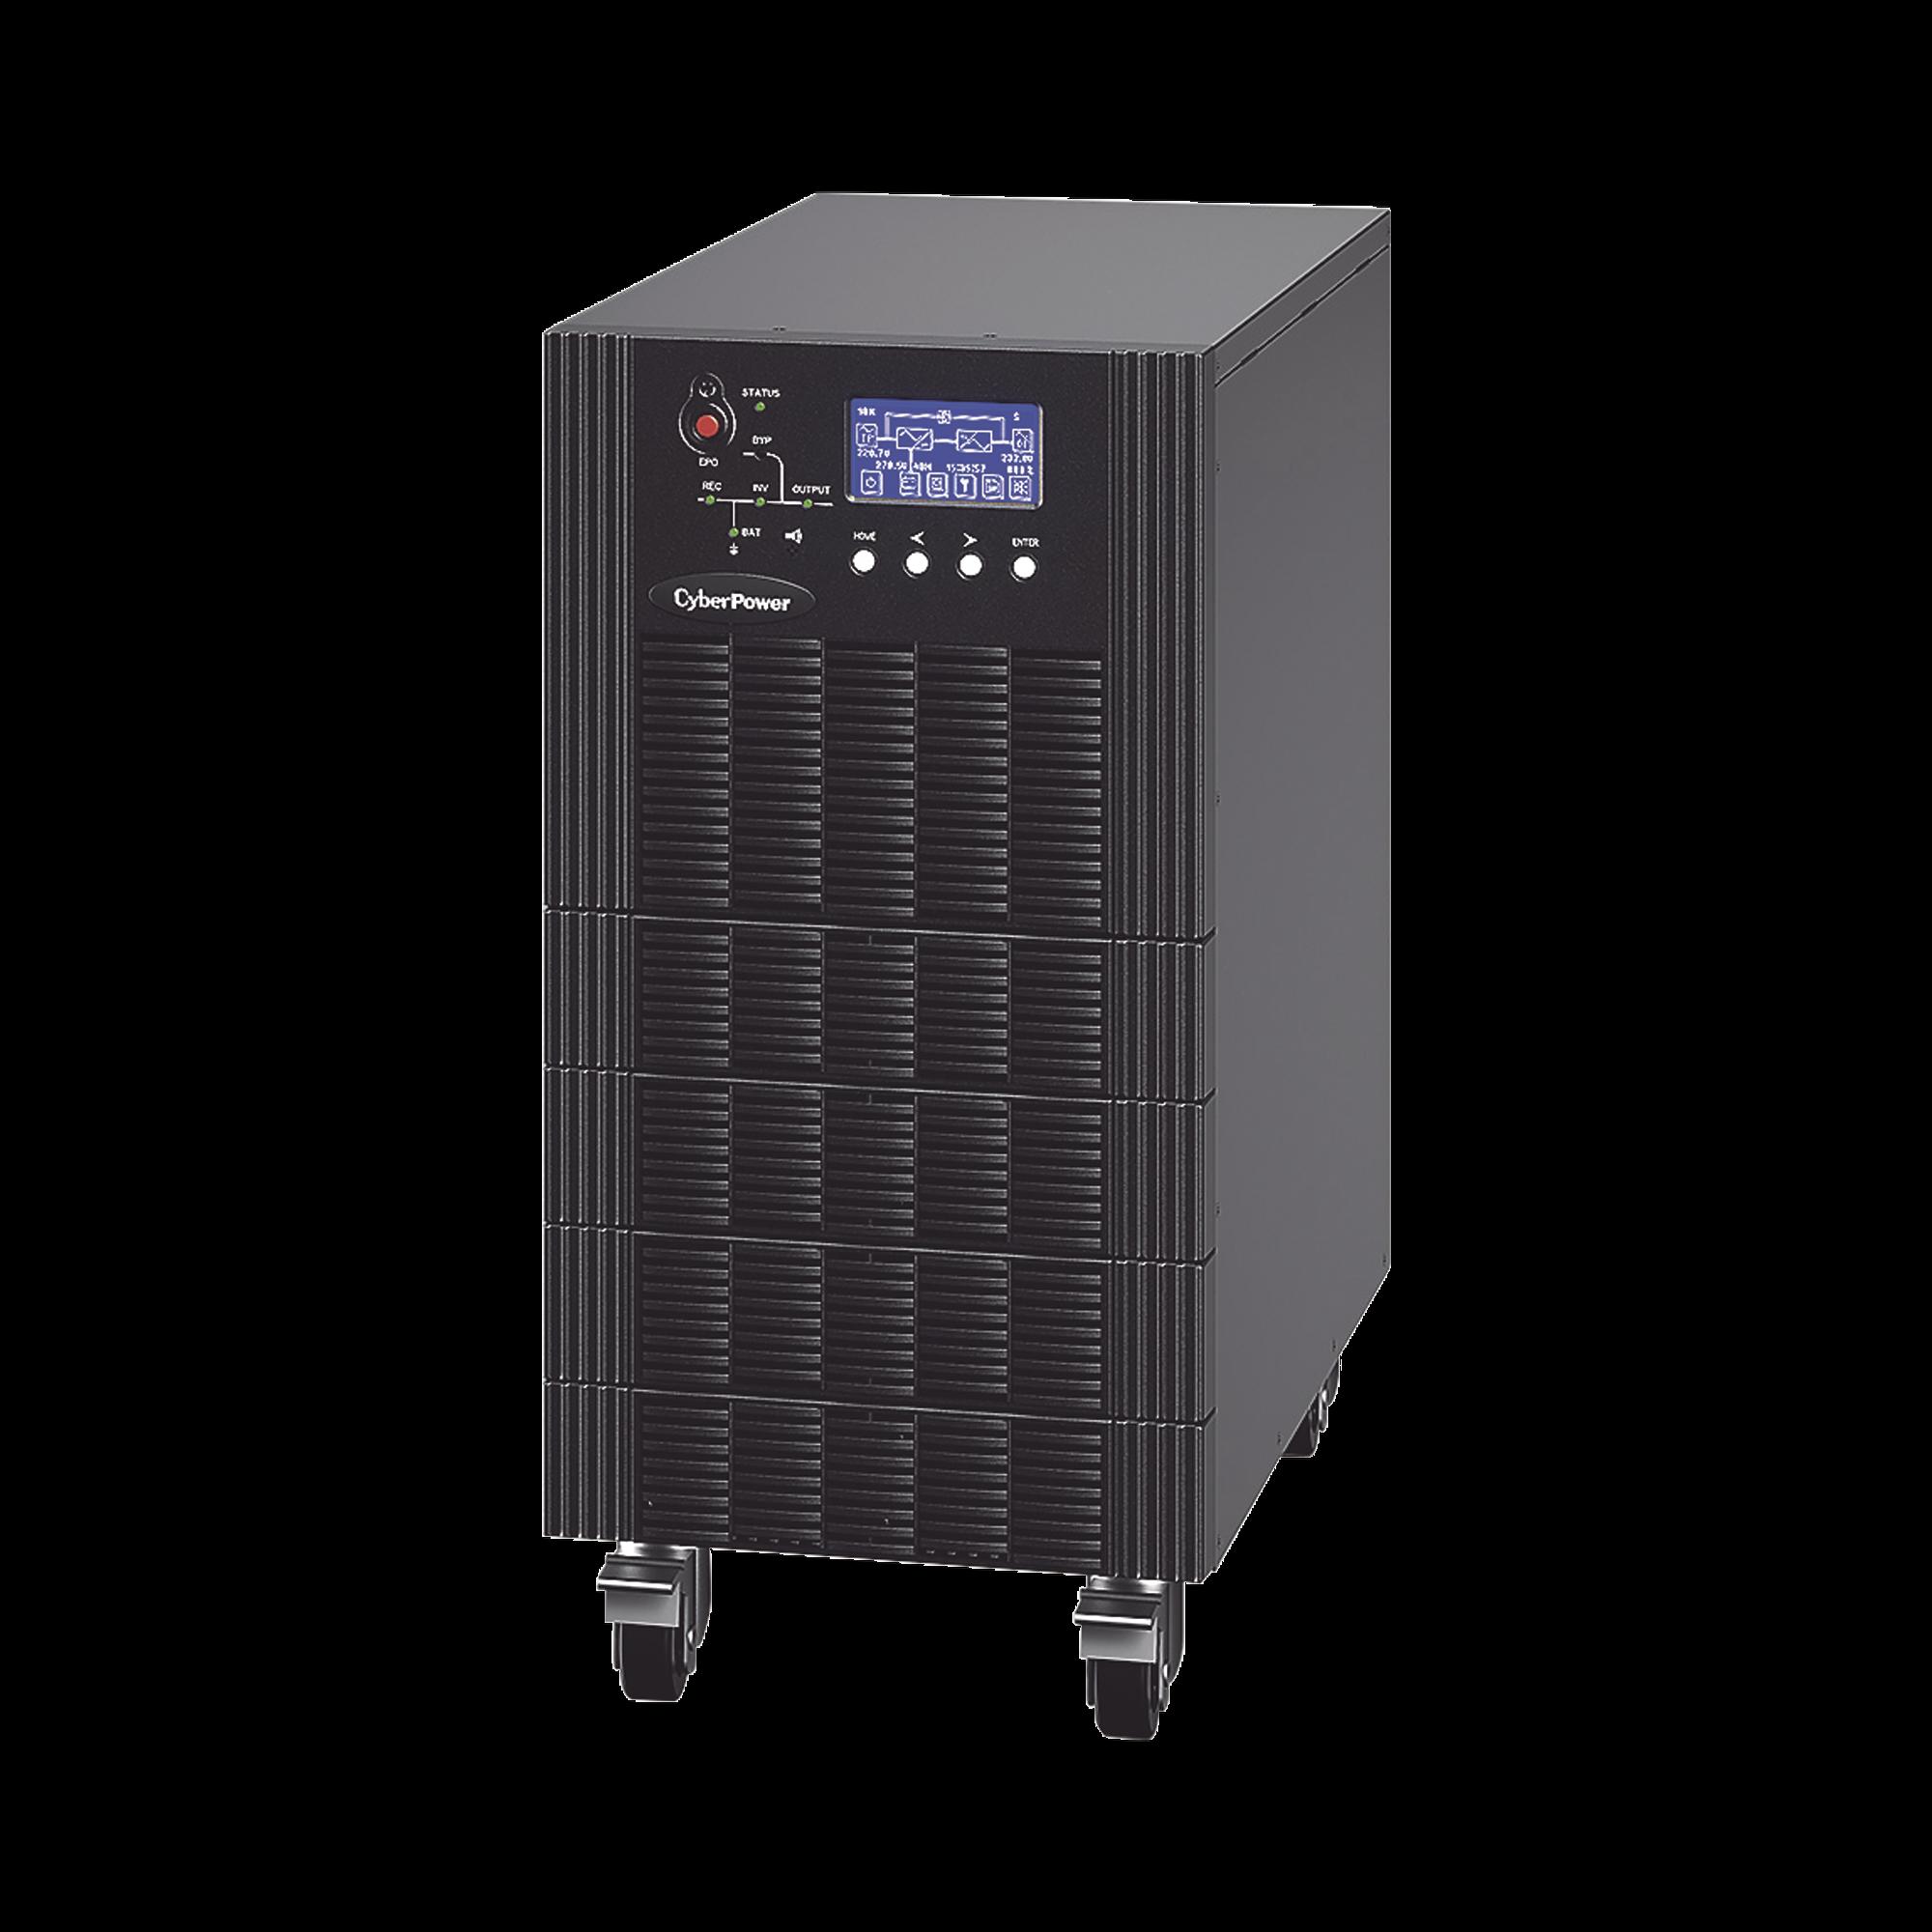 UPS Trifásico de 10 kVA/10 kW, Topología Online Doble Conversión, Voltaje de 208/220 Vca de L-L, Respaldo de 5 Minutos al 100% de Carga, Incluye Módulo y Banco de Baterías